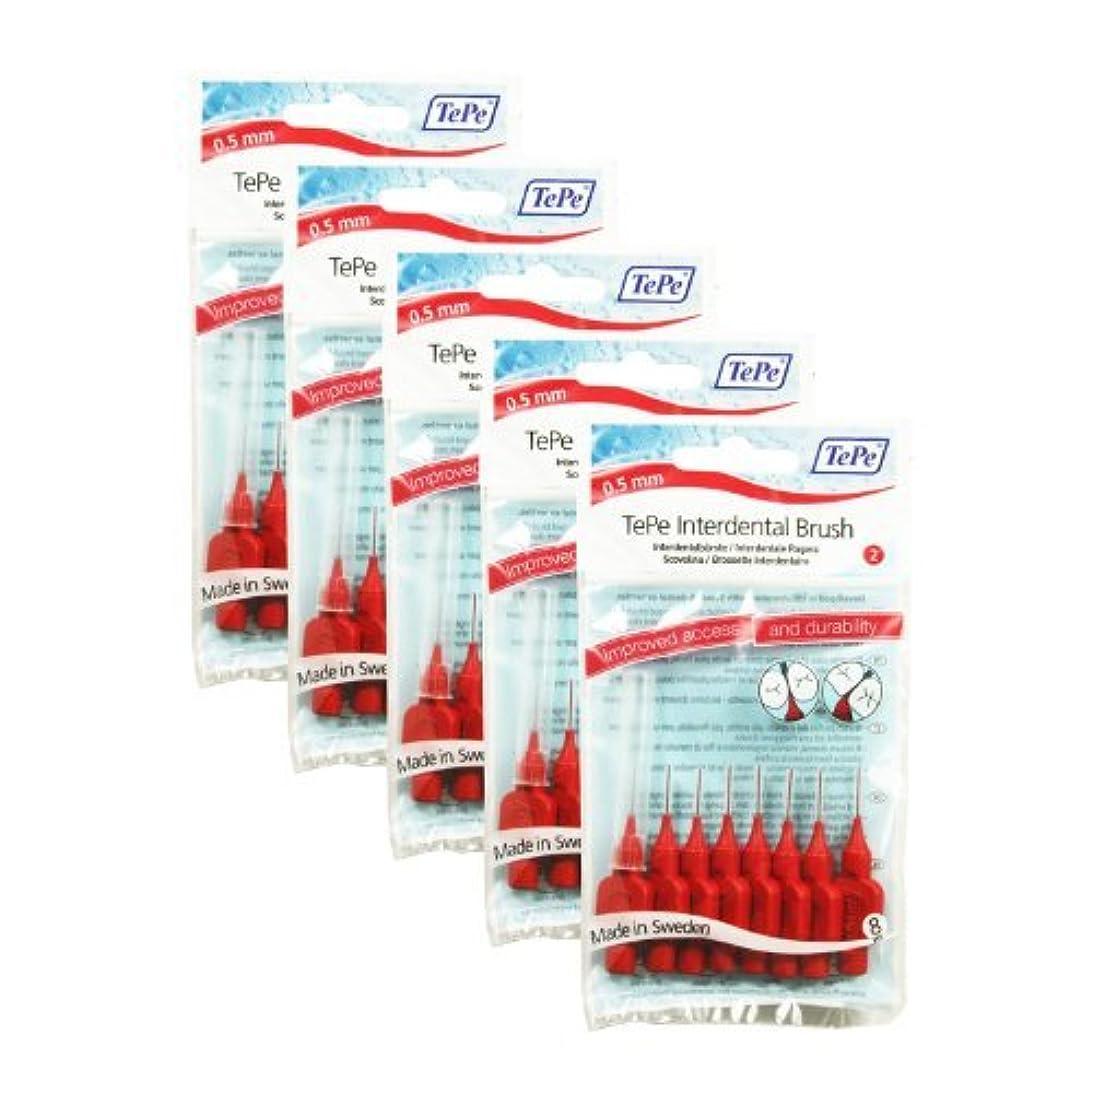 空白アイザックお風呂を持っているTePe Interdental Brushes RED 0.55 mm - 40 Brushes (5 Packs of 8) by TePe